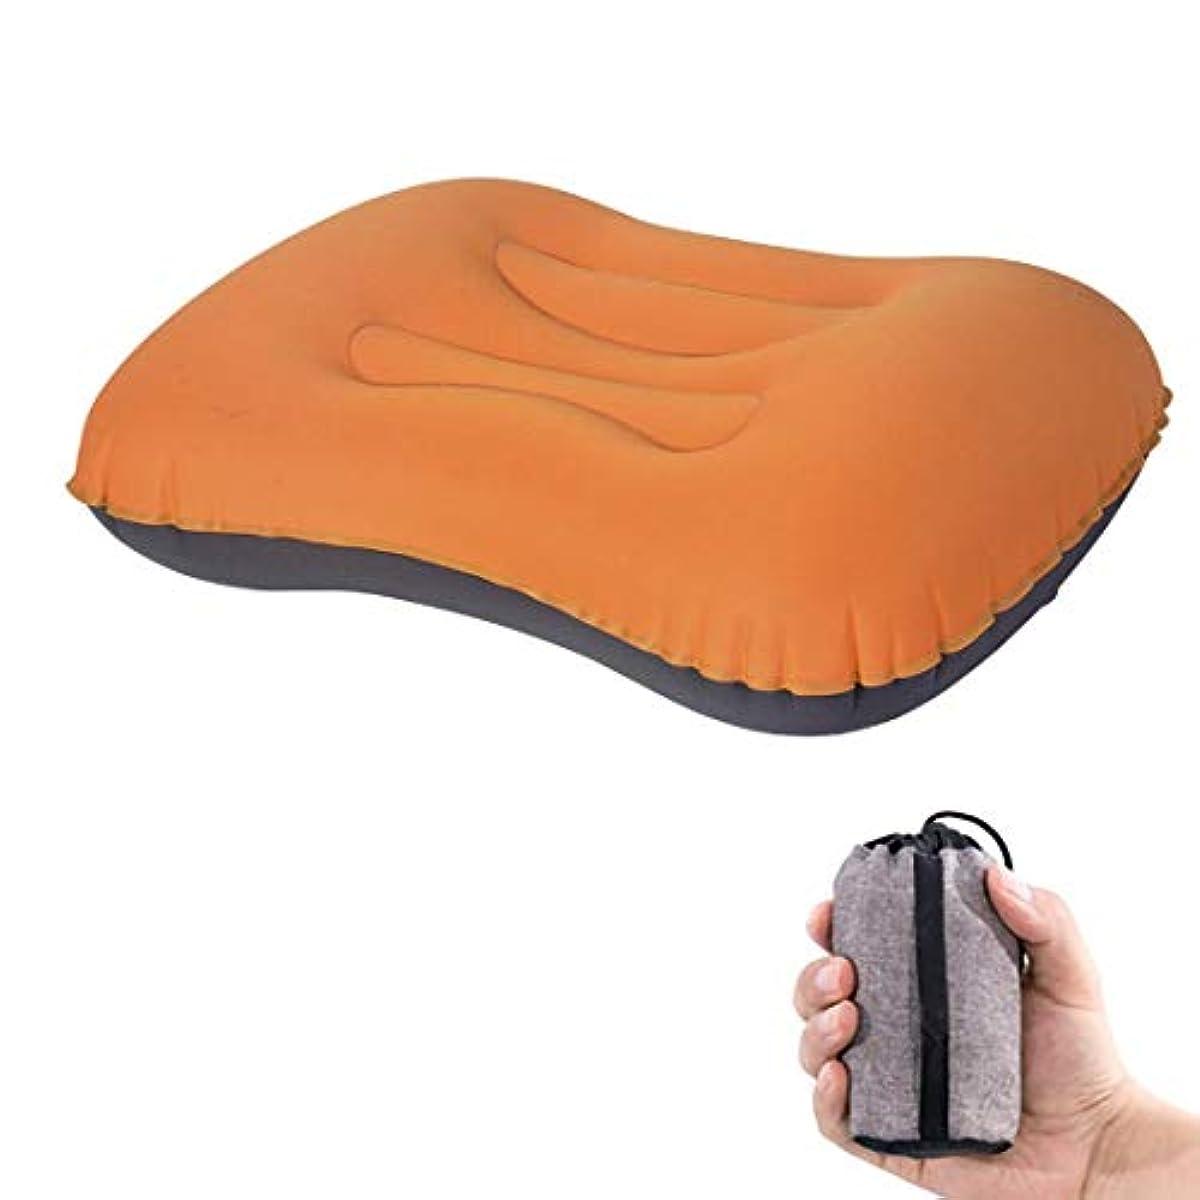 [해외] ALEDY 에어 pillow 여행용 침초경량 콤팩트 부드럽 운반 쉽 여행 캠프 아웃도어 하이킹 수면 용사무실 차비행기 쿠션 수납 봉투 첨부